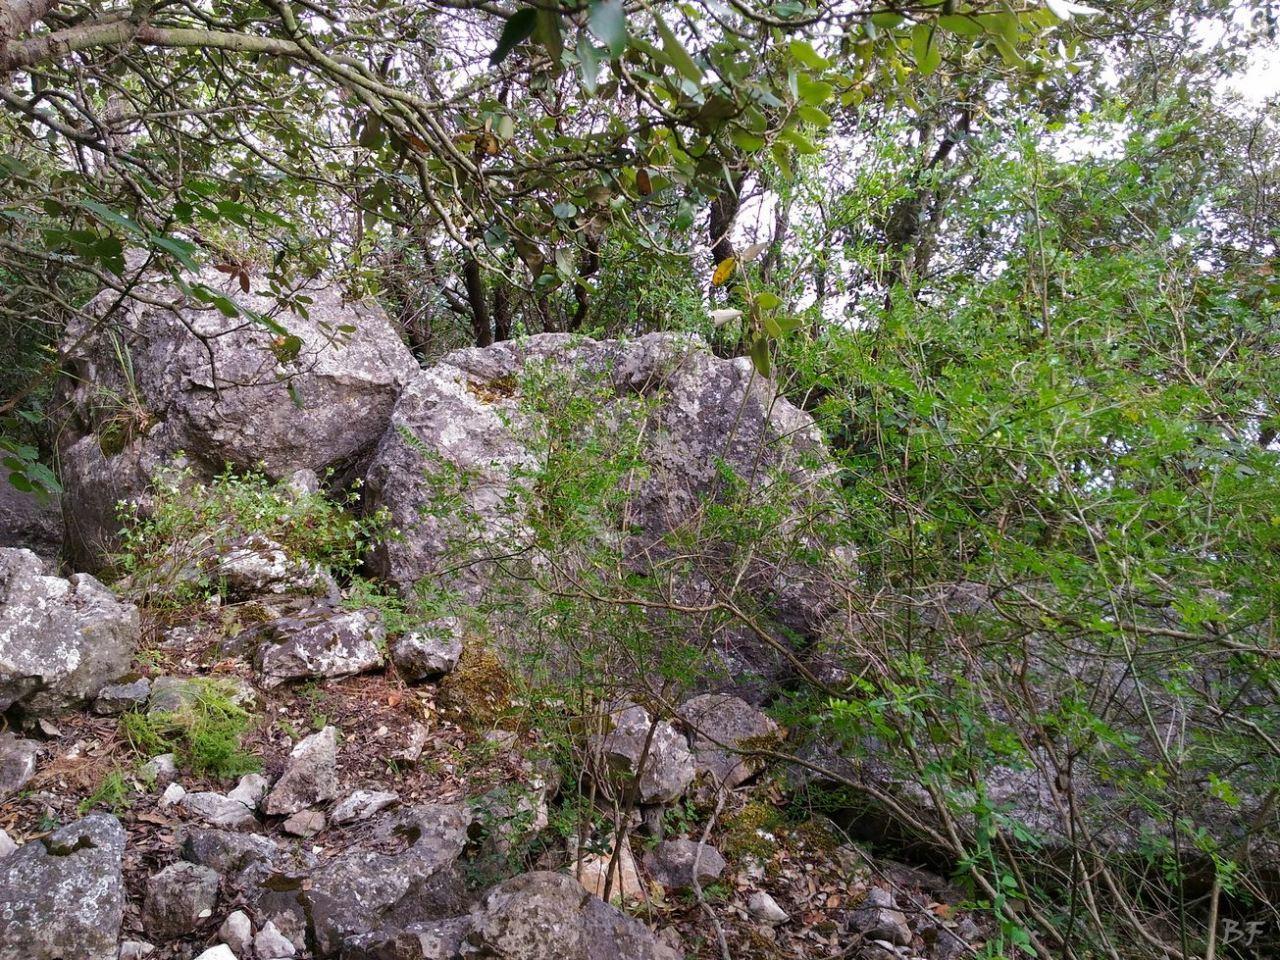 Circeii-Mura-Megalitiche-Poligonali-Latina-Lazio-Italia-25